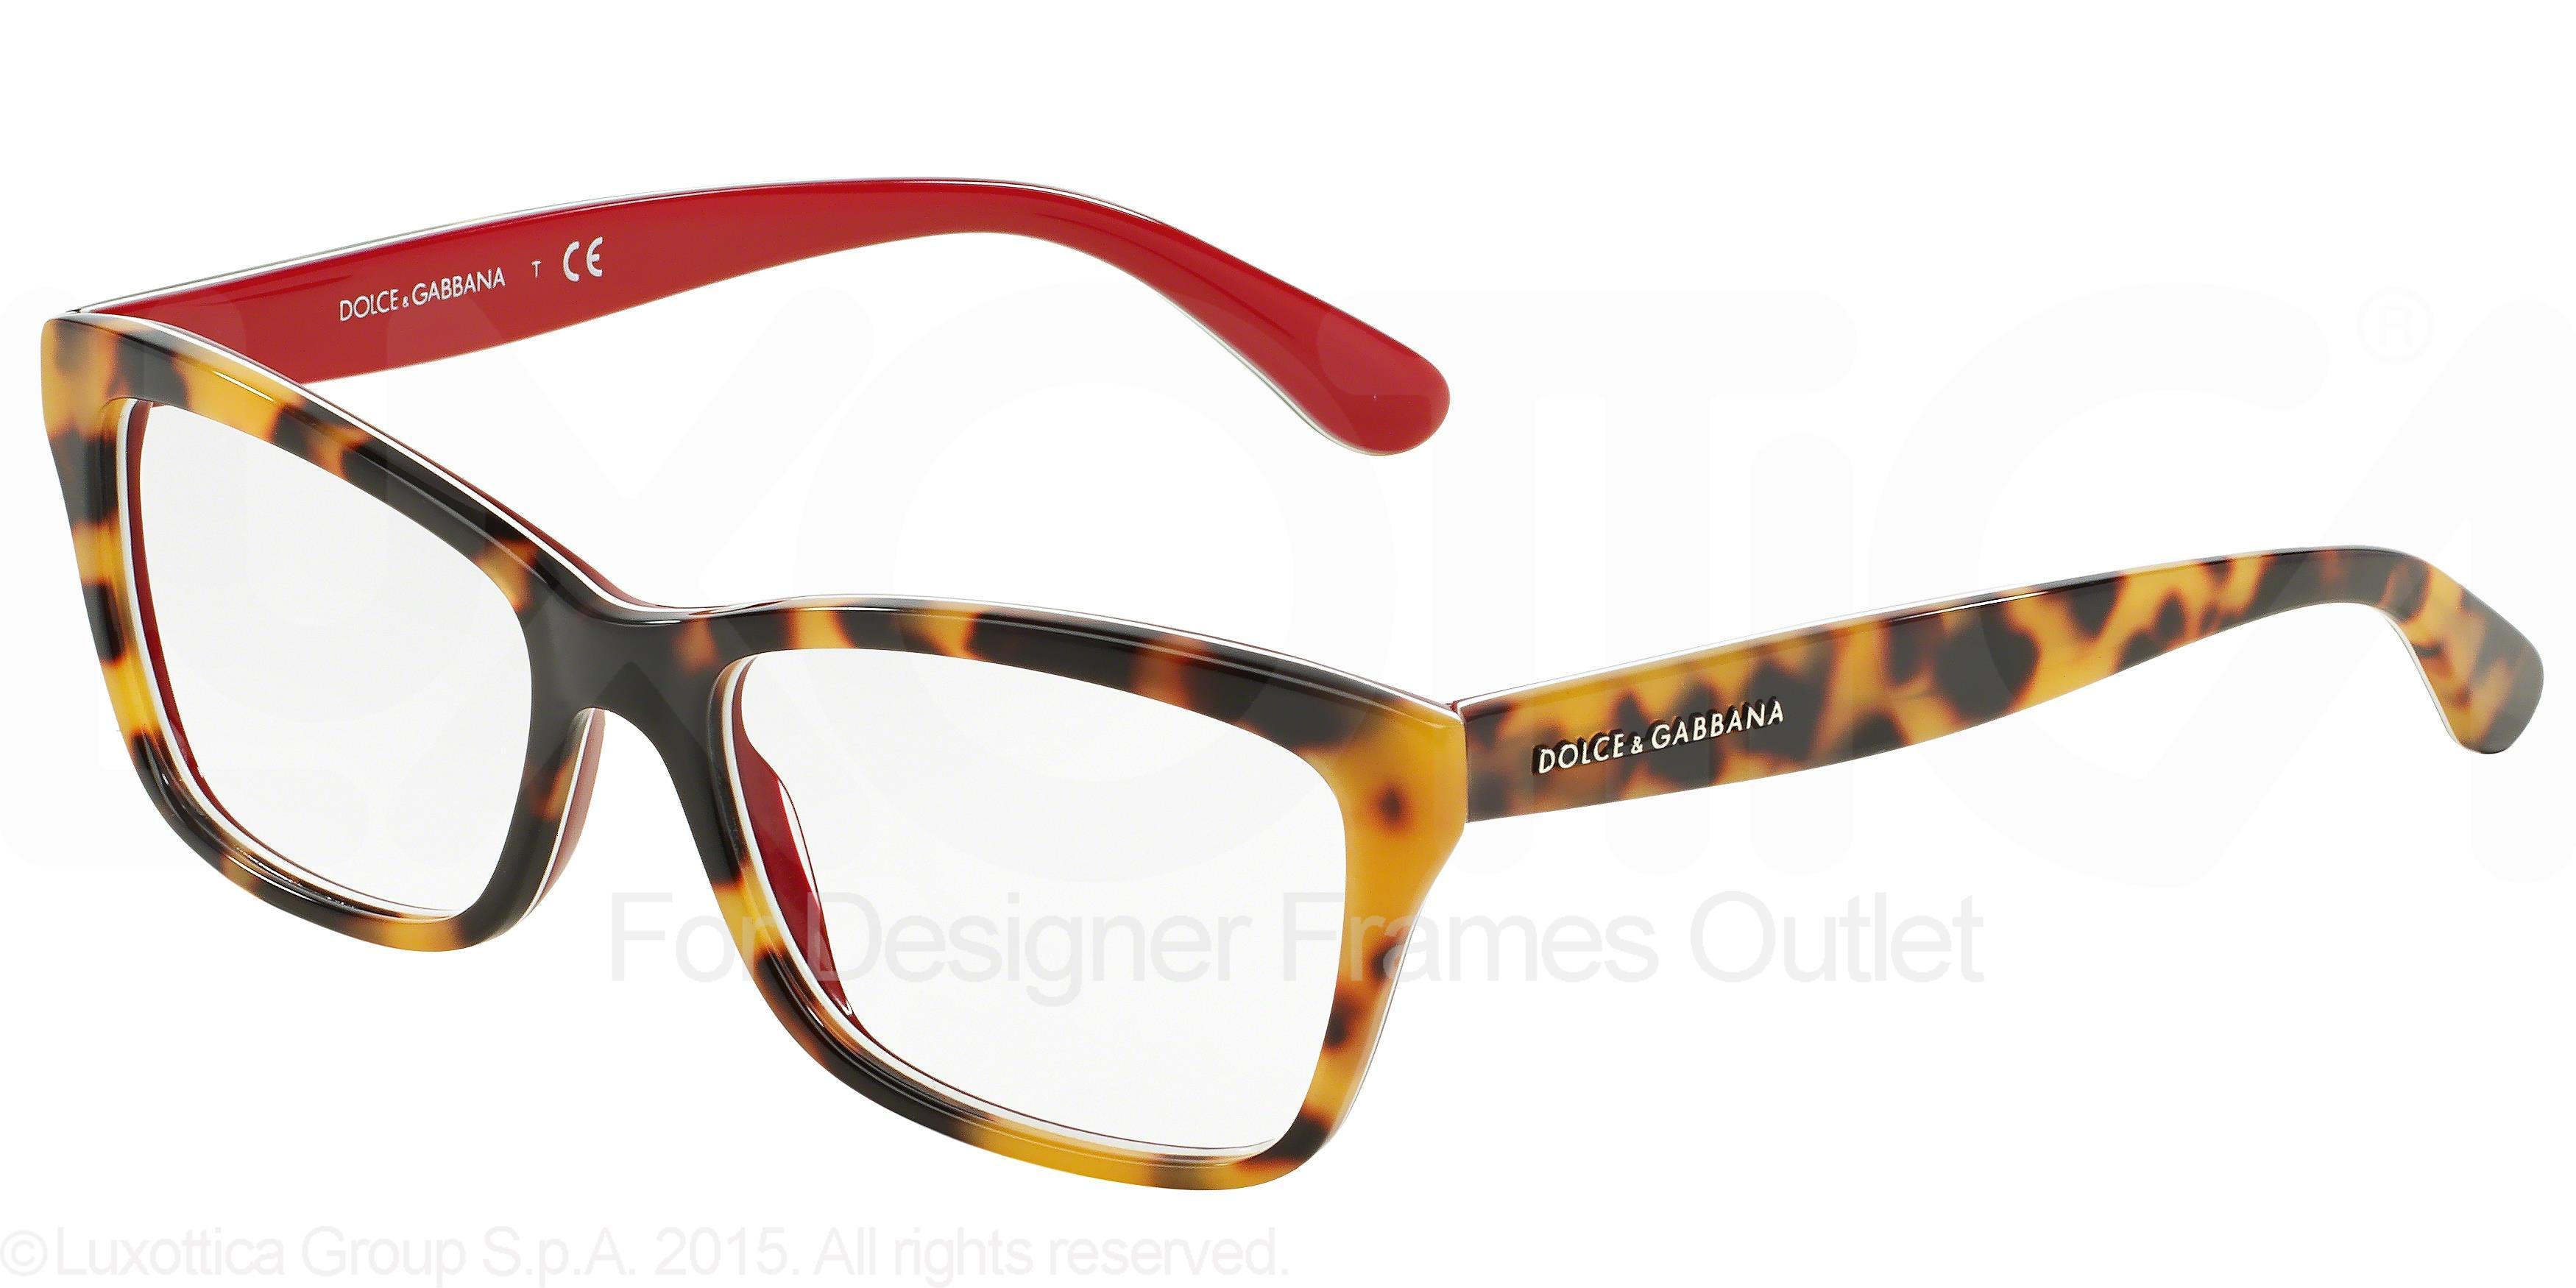 aee1631b650e Persol Eyeglass Frames 2893